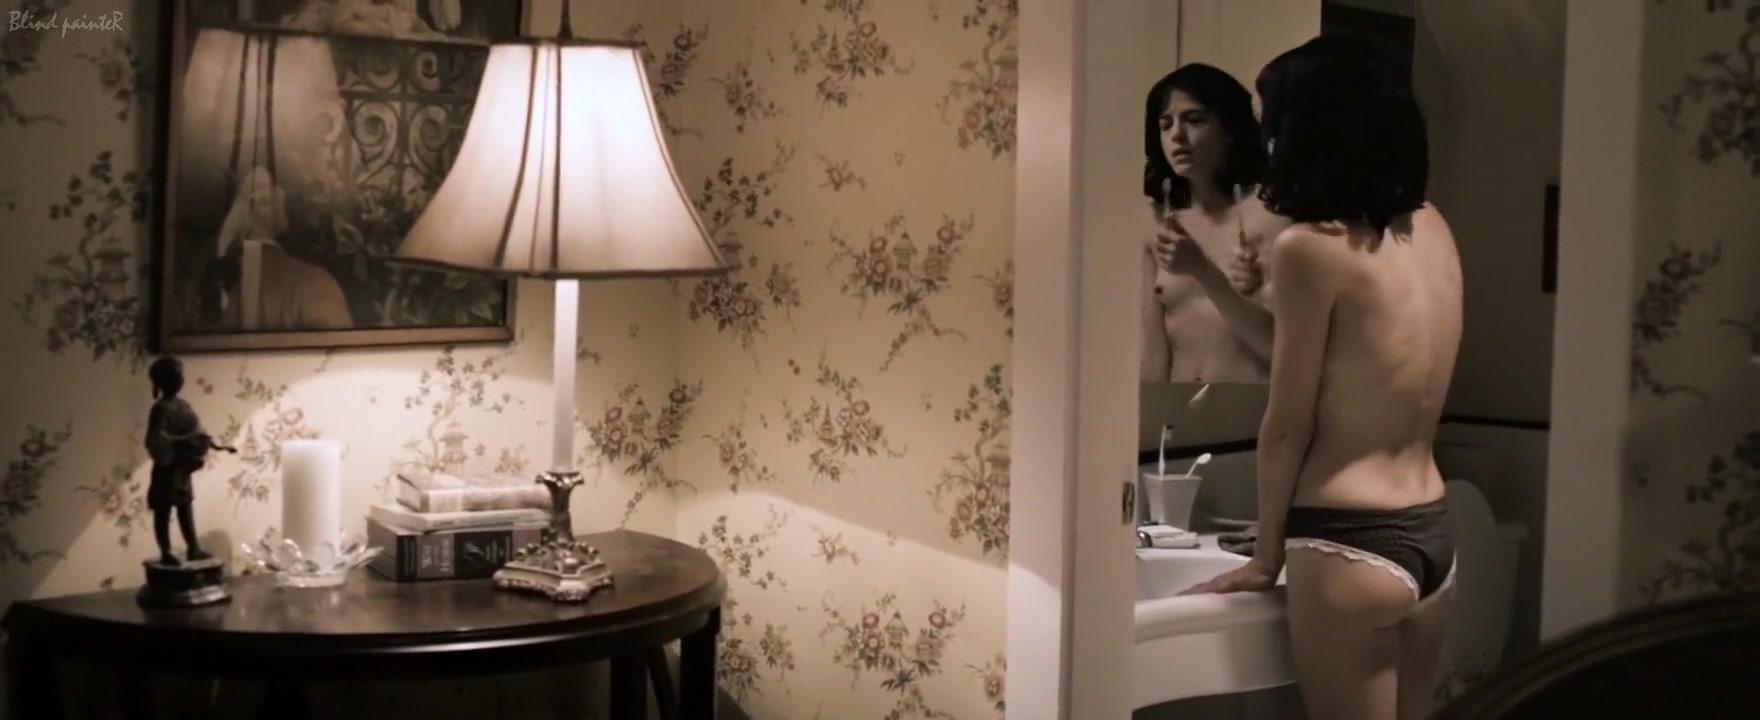 In Their Skin (2012) Selma Blair